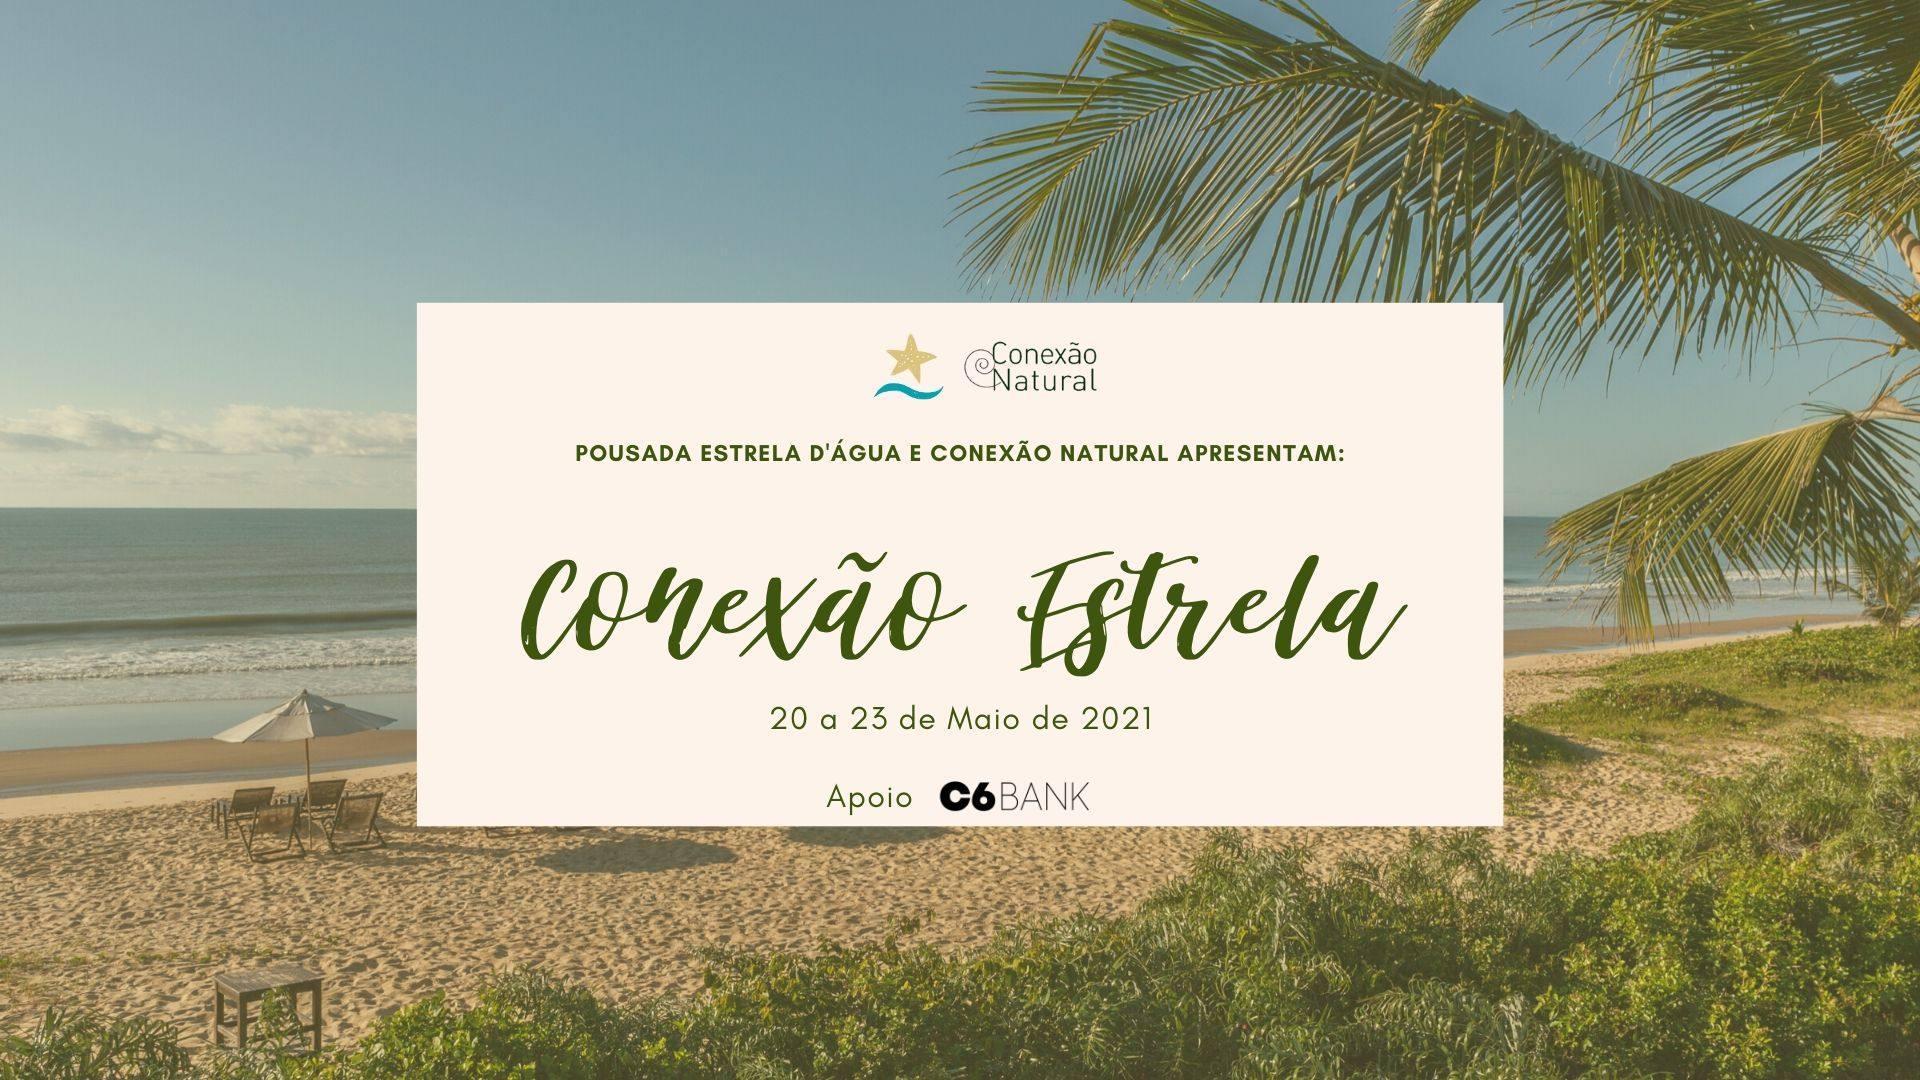 Conexão Estrela hospede 20 - 23 maio 2021